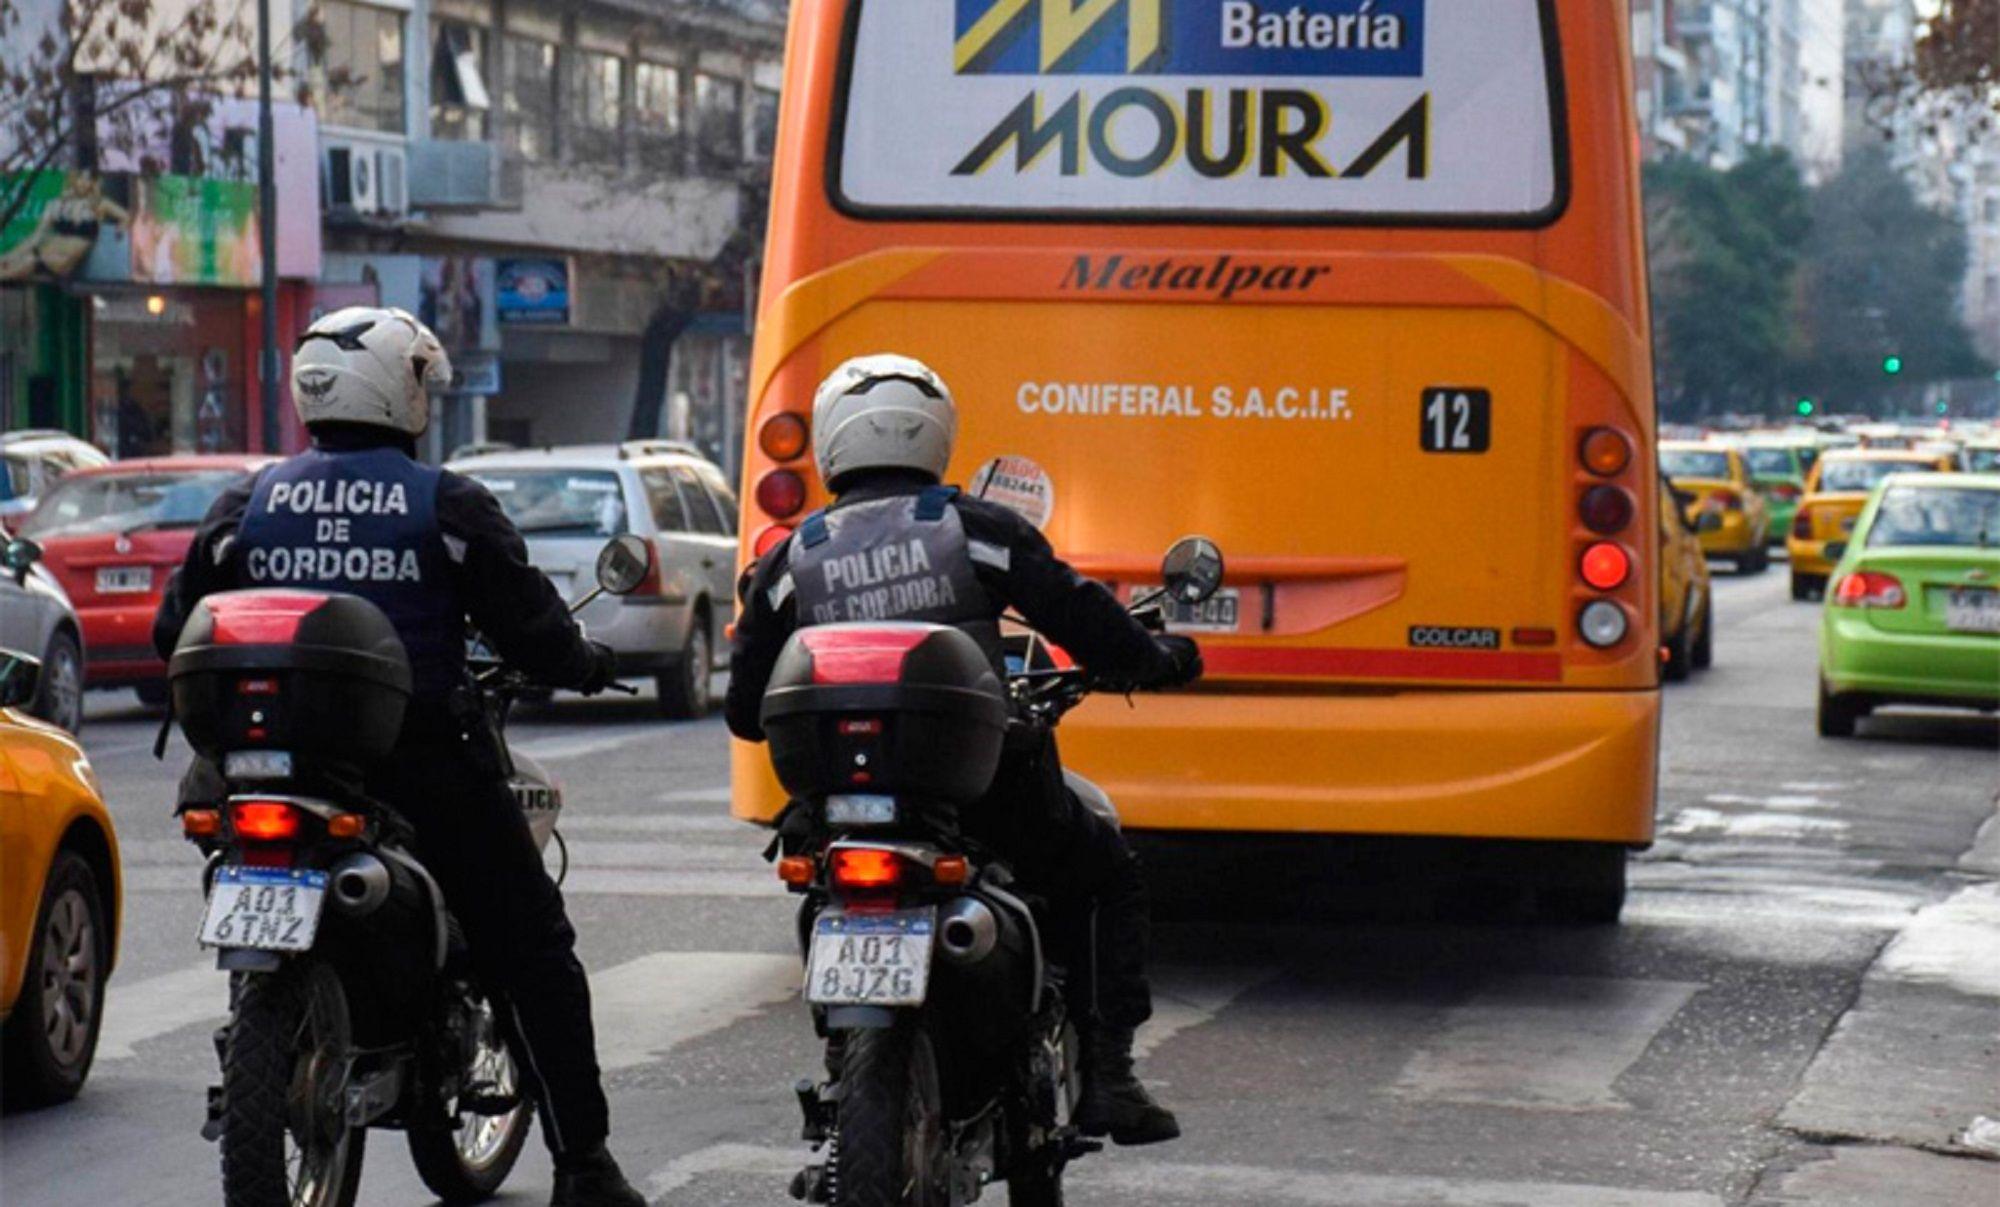 Tensión en Córdoba: circularán los colectivos con fuerzas de seguridad